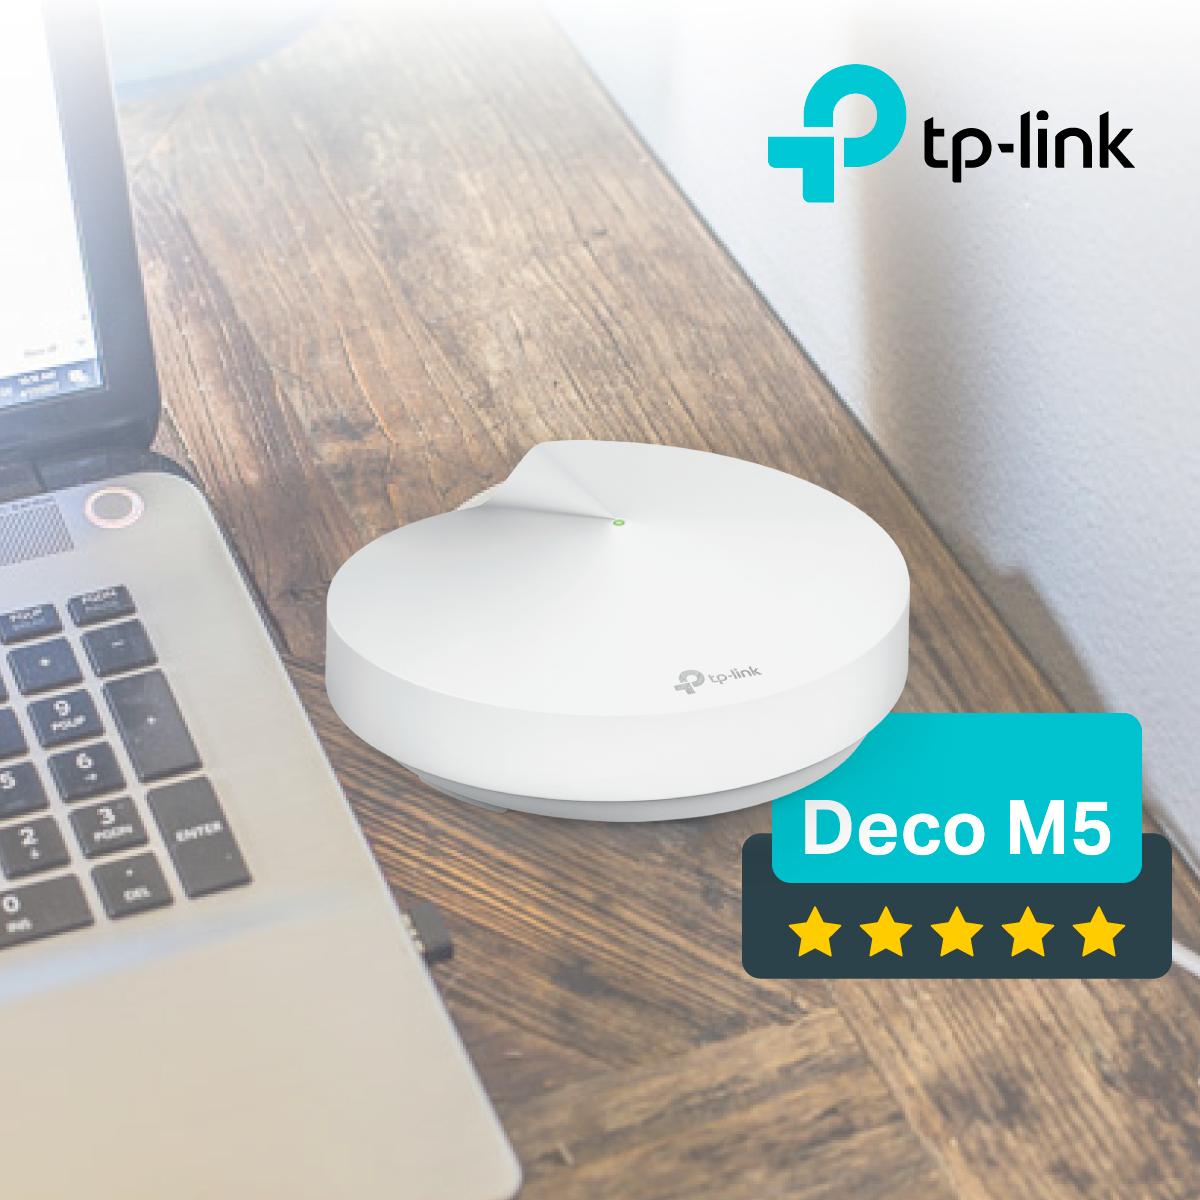 TP-Link Deco M5 (2 pack)– sistem mesh practic pentru casa